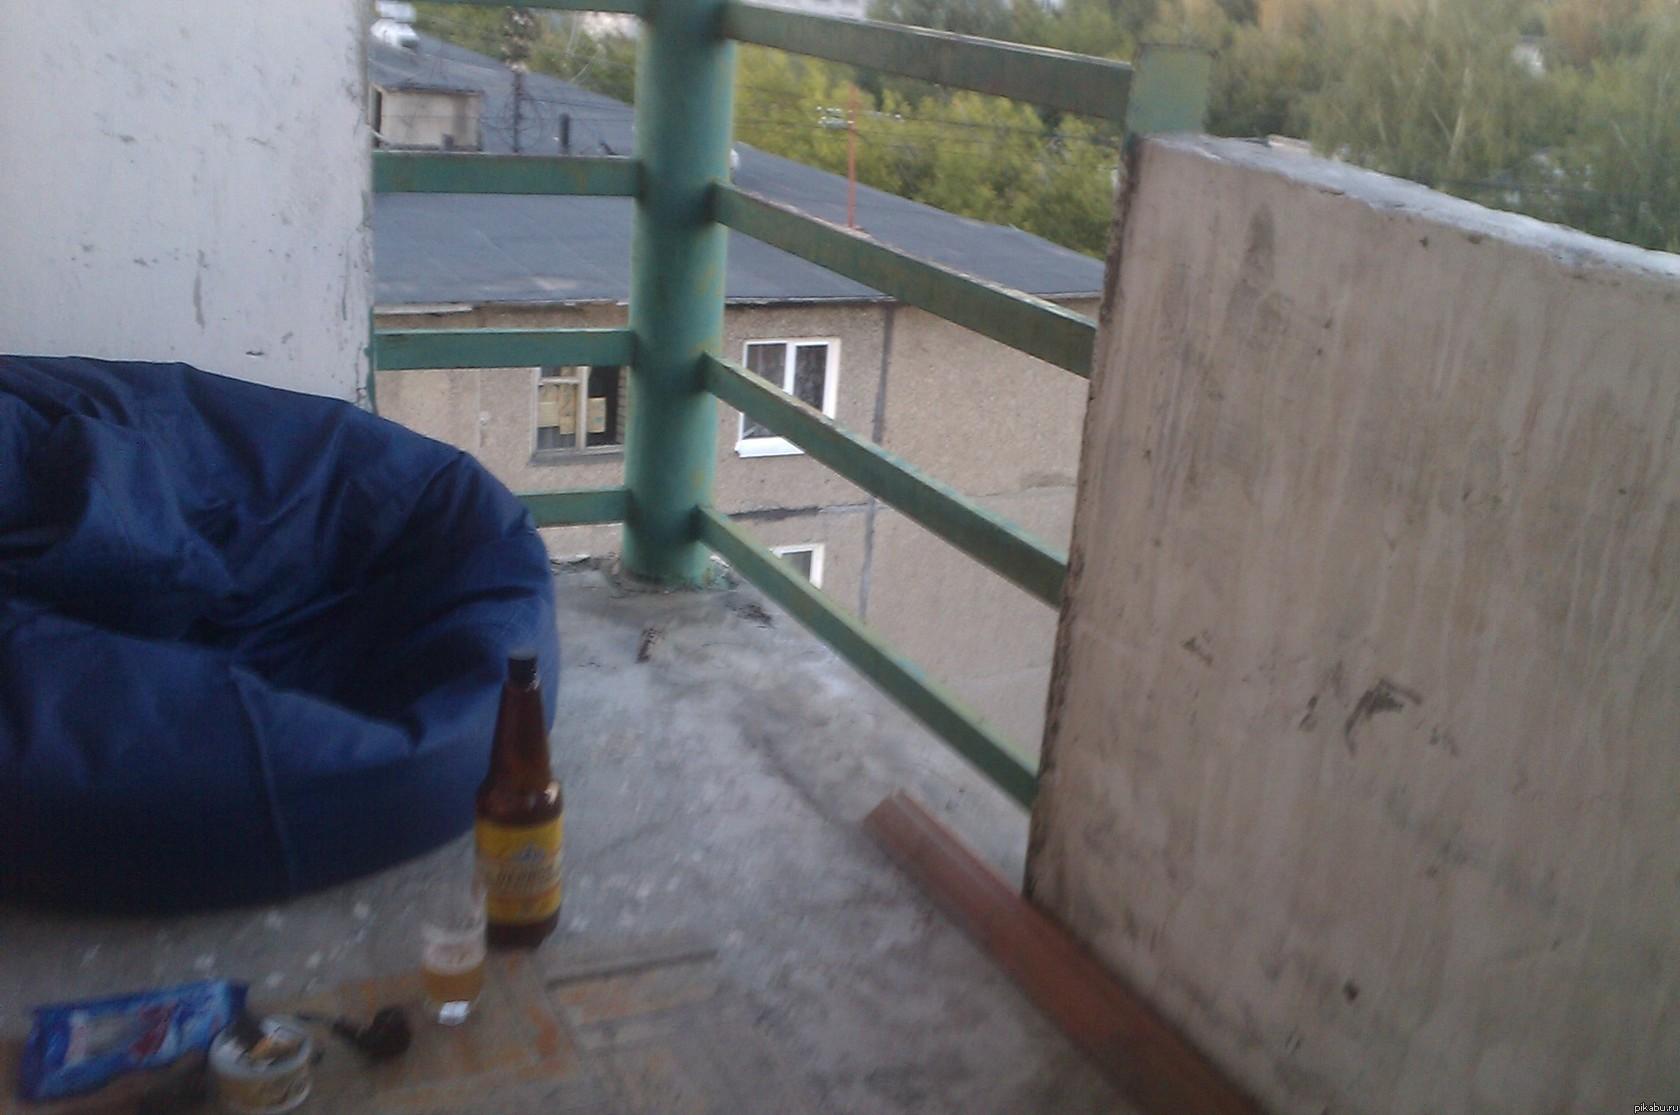 Вот как выглядит идеальное рабочее место на балконе. 7й этаж, вокруг 5ти-этажки одни. Нетбук в кресле, не видно, но он там есть.